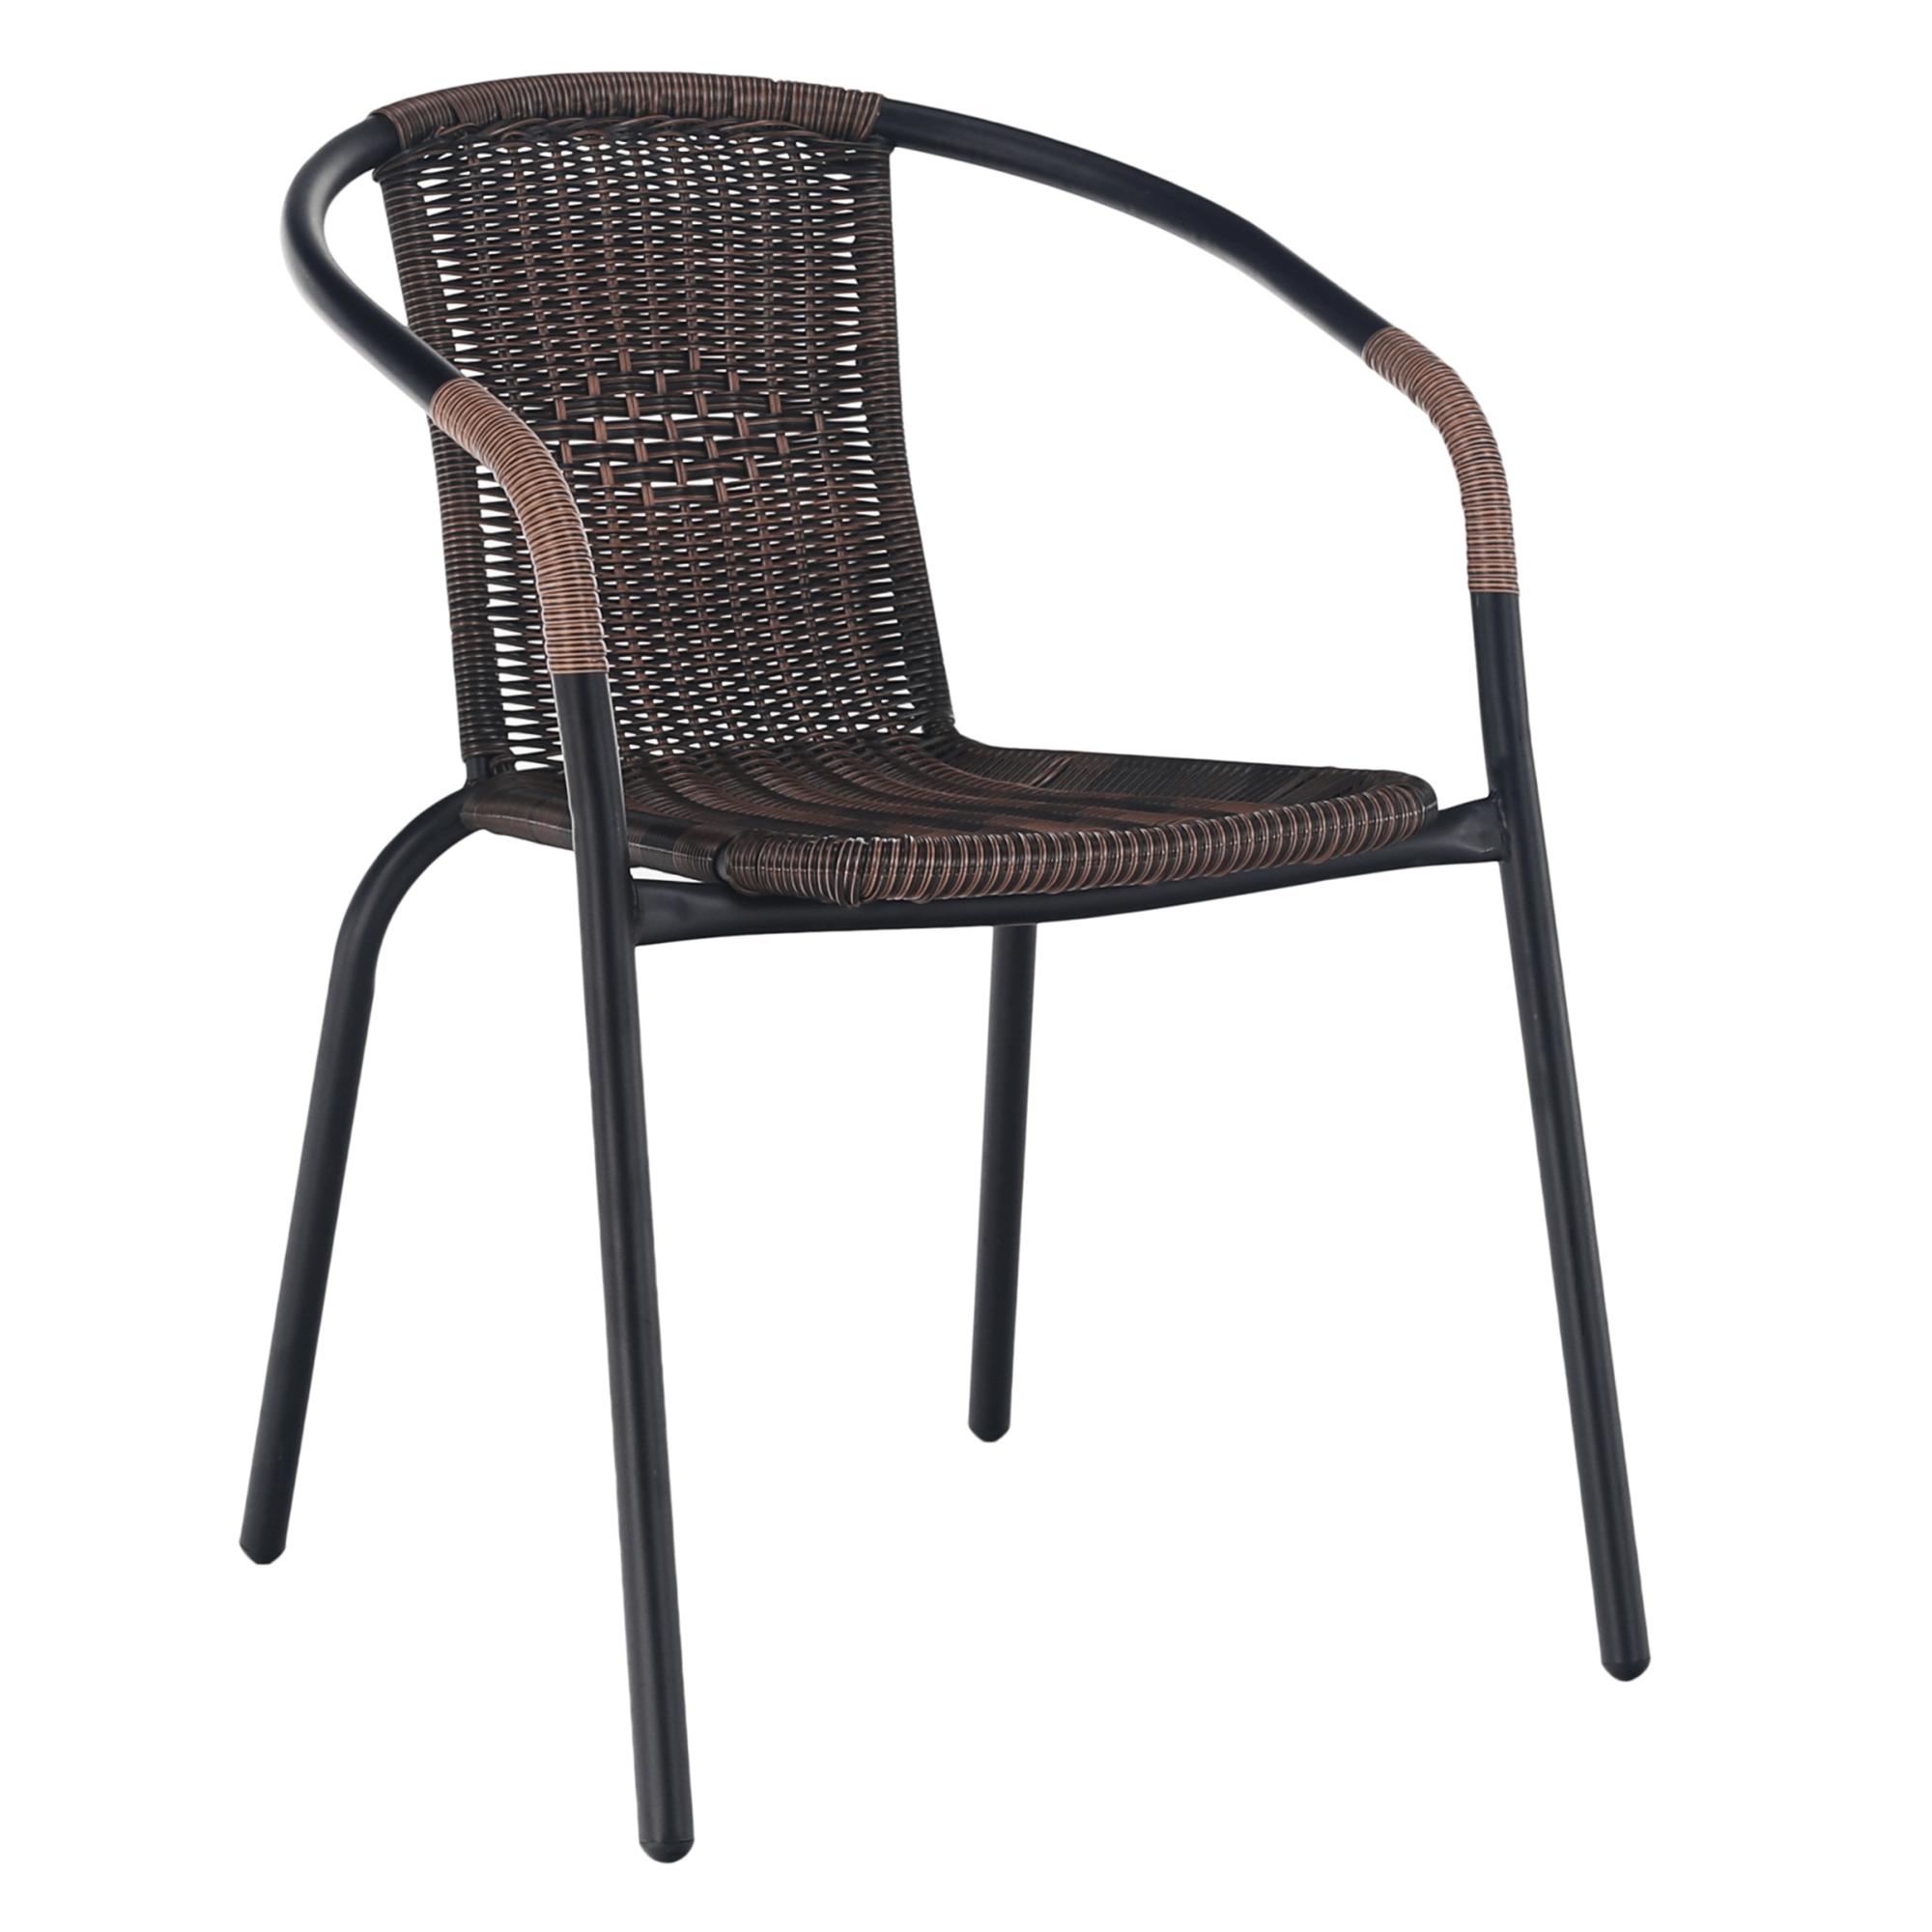 Stohovatelná židle z umělého ratanu, kovová kostra